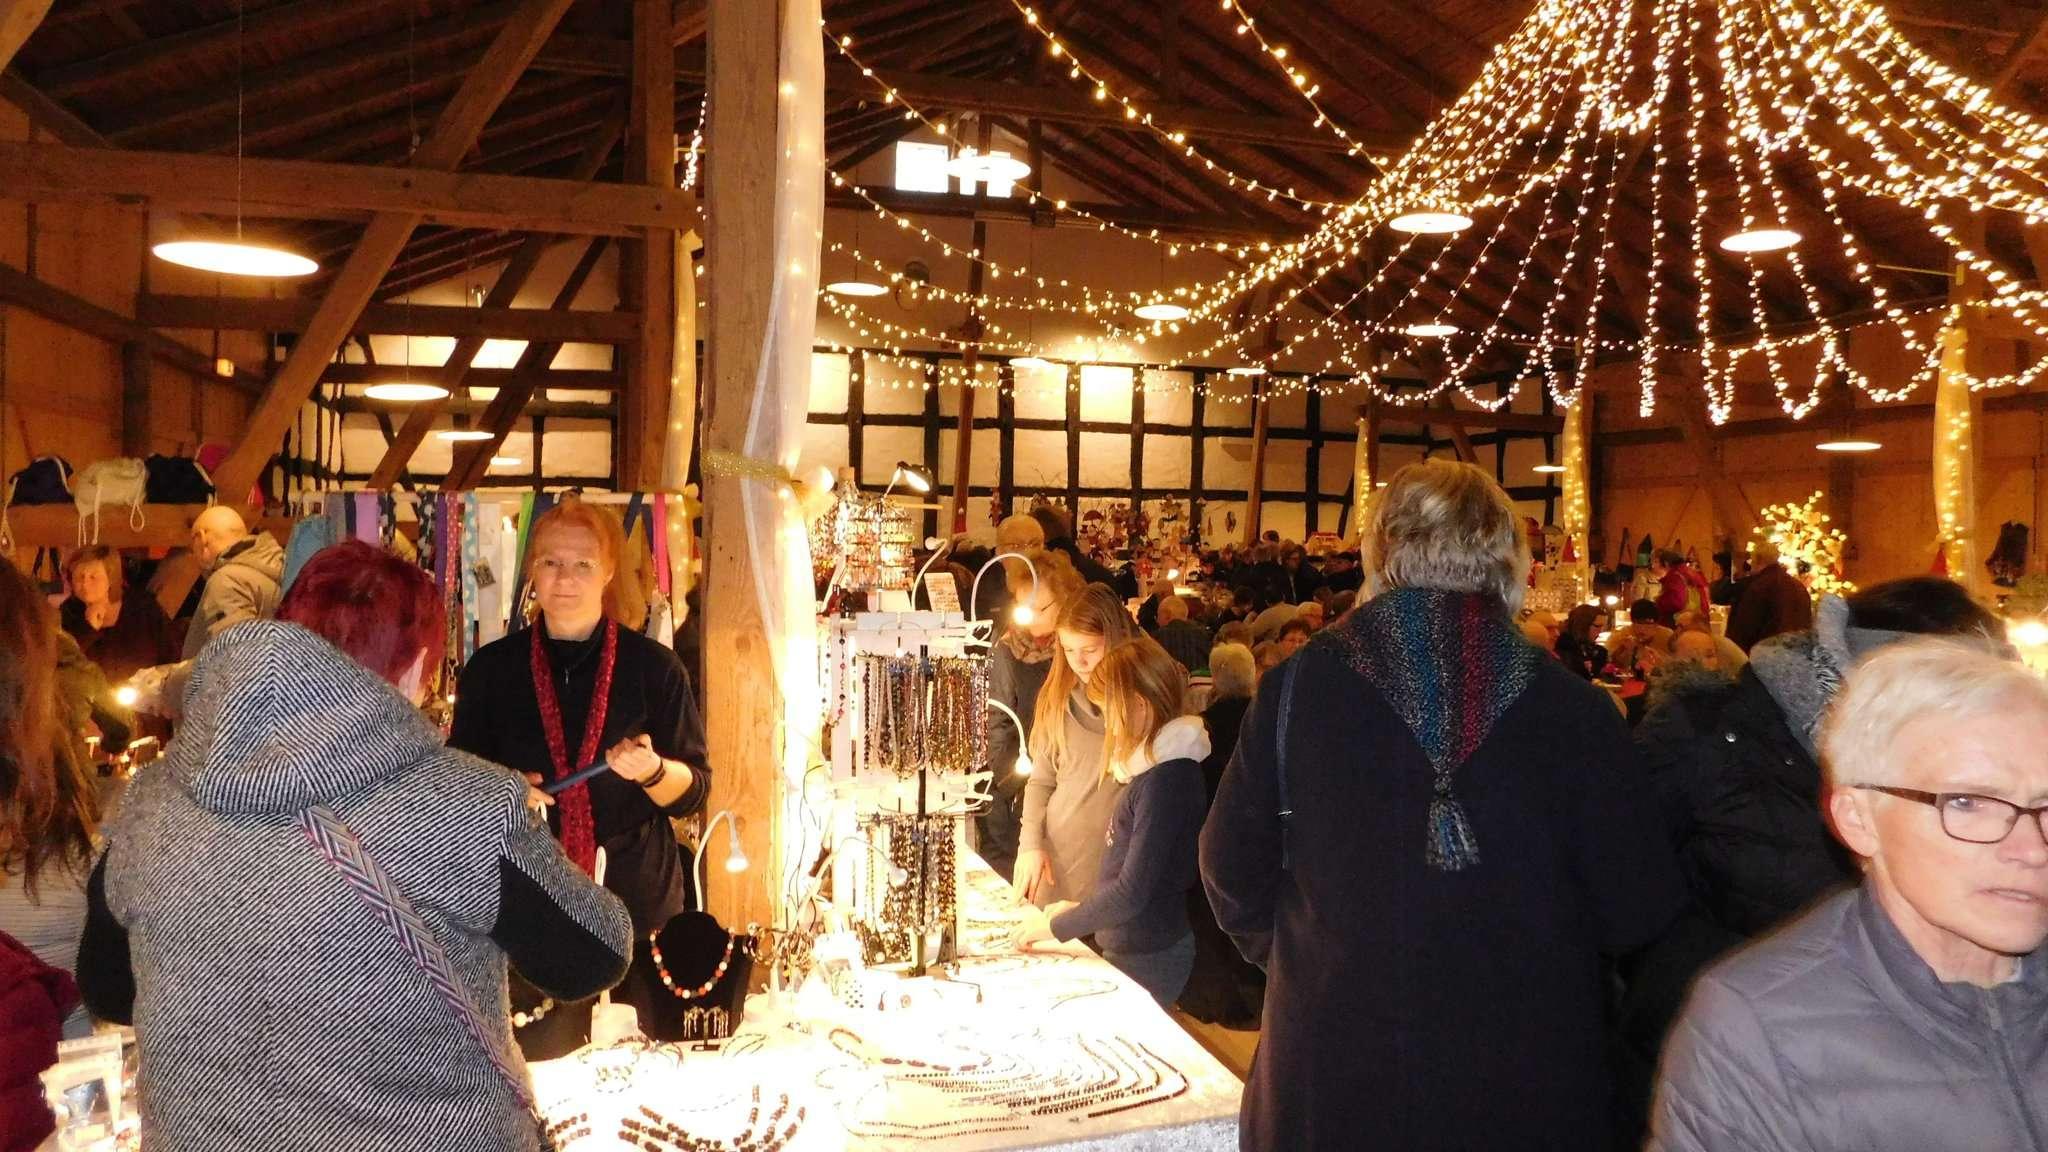 Die stimmungsvoll erleuchtete Scheune war Anziehungspunkt des Böterser Weihnachtsmarktes.